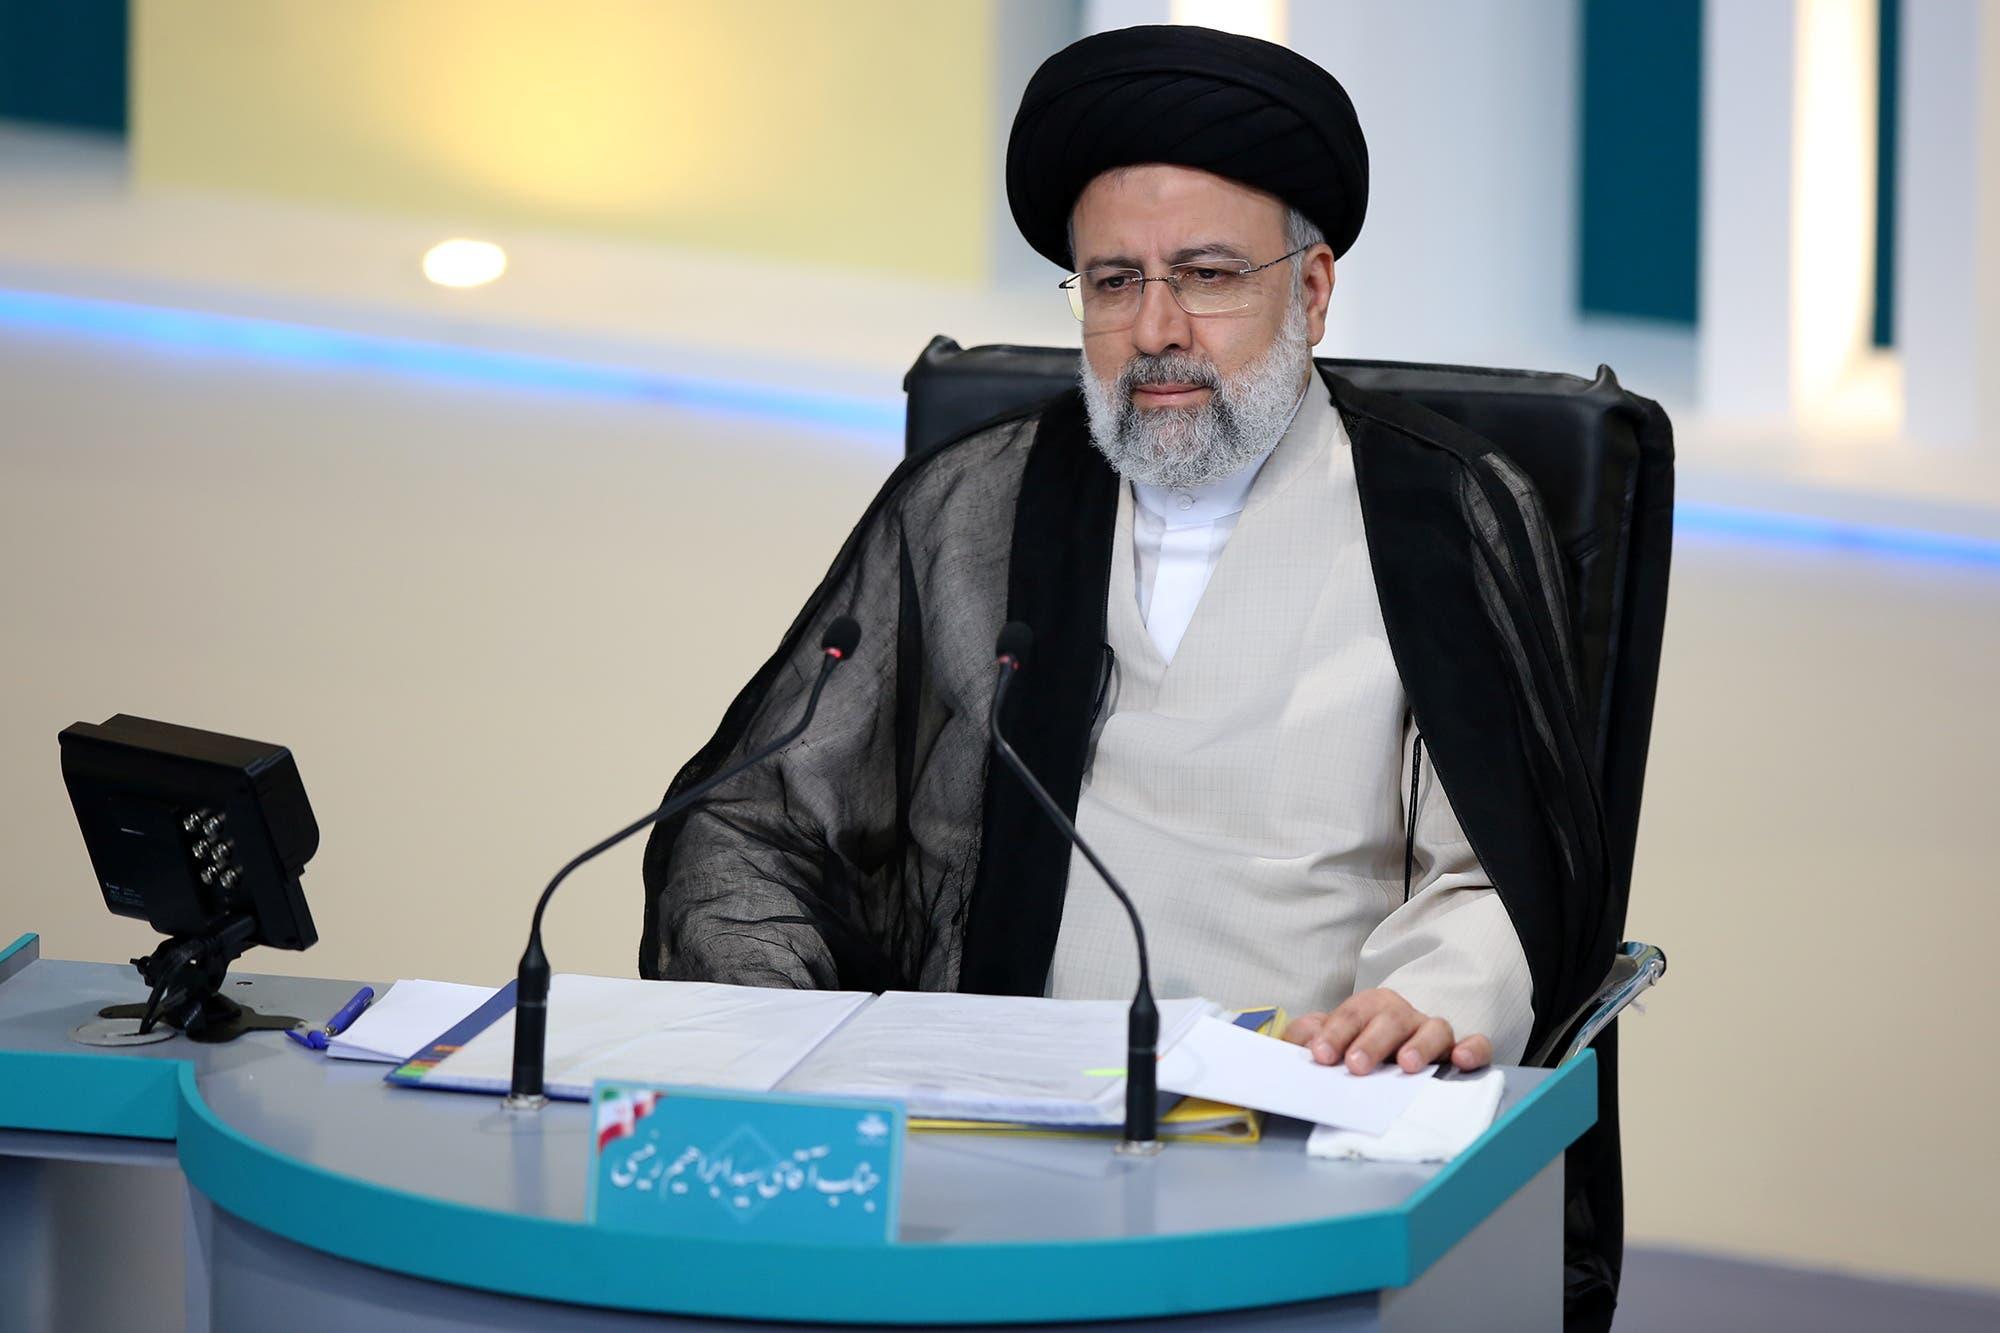 المرشح الرئاسي إبراهيم رئيسي (رويترز)